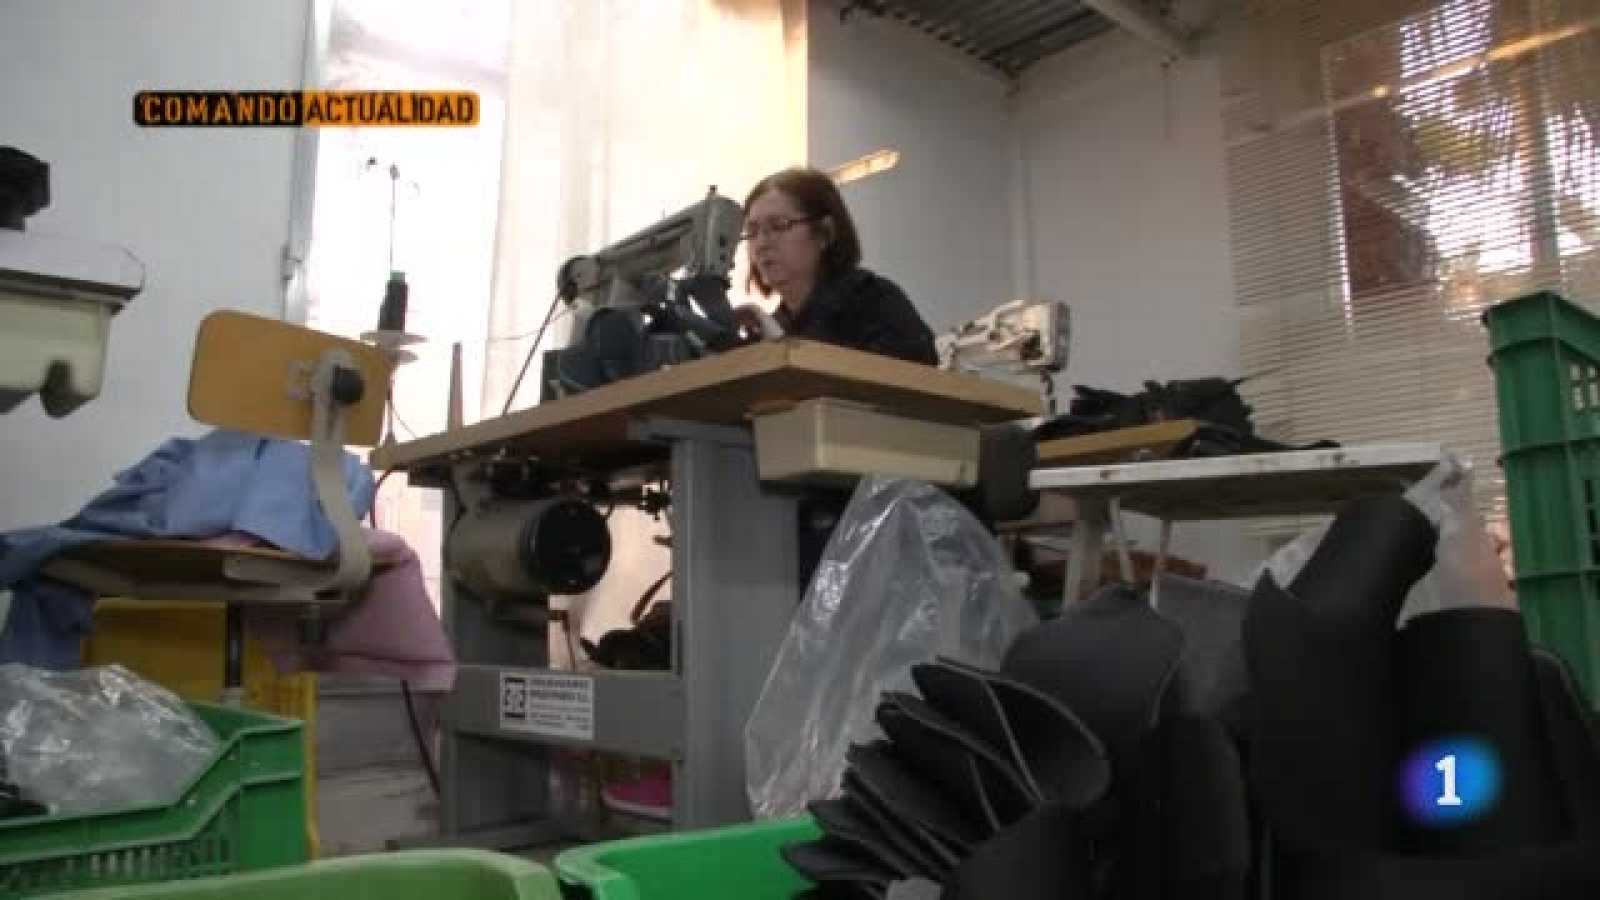 Vídeo del avance del programa de Comando Actualidad sobre los pobres con trabajo